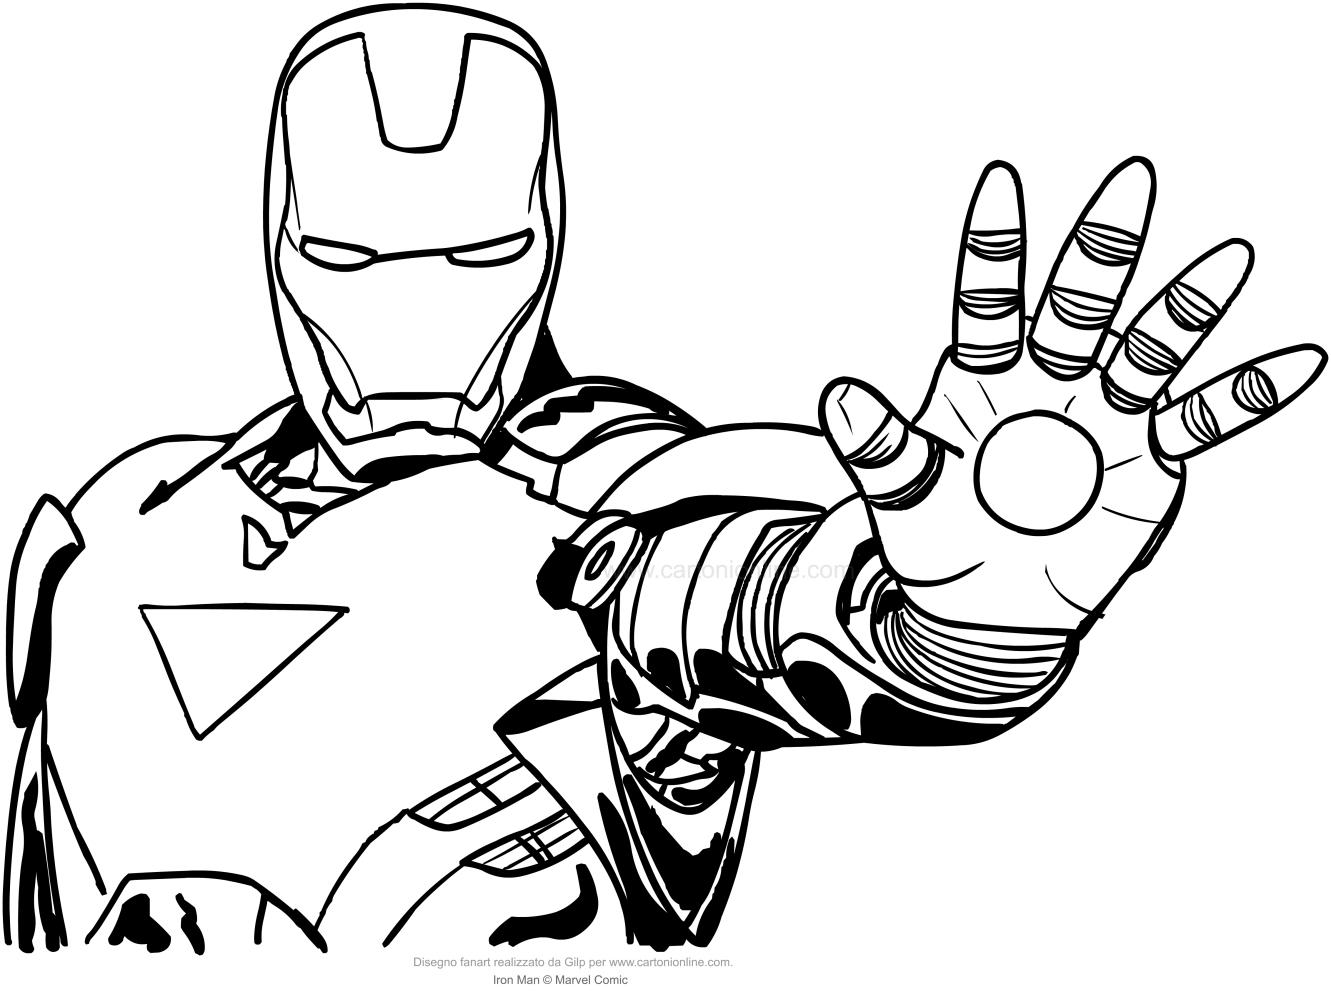 Coloriage Iron Man - Colorier les collections d'images